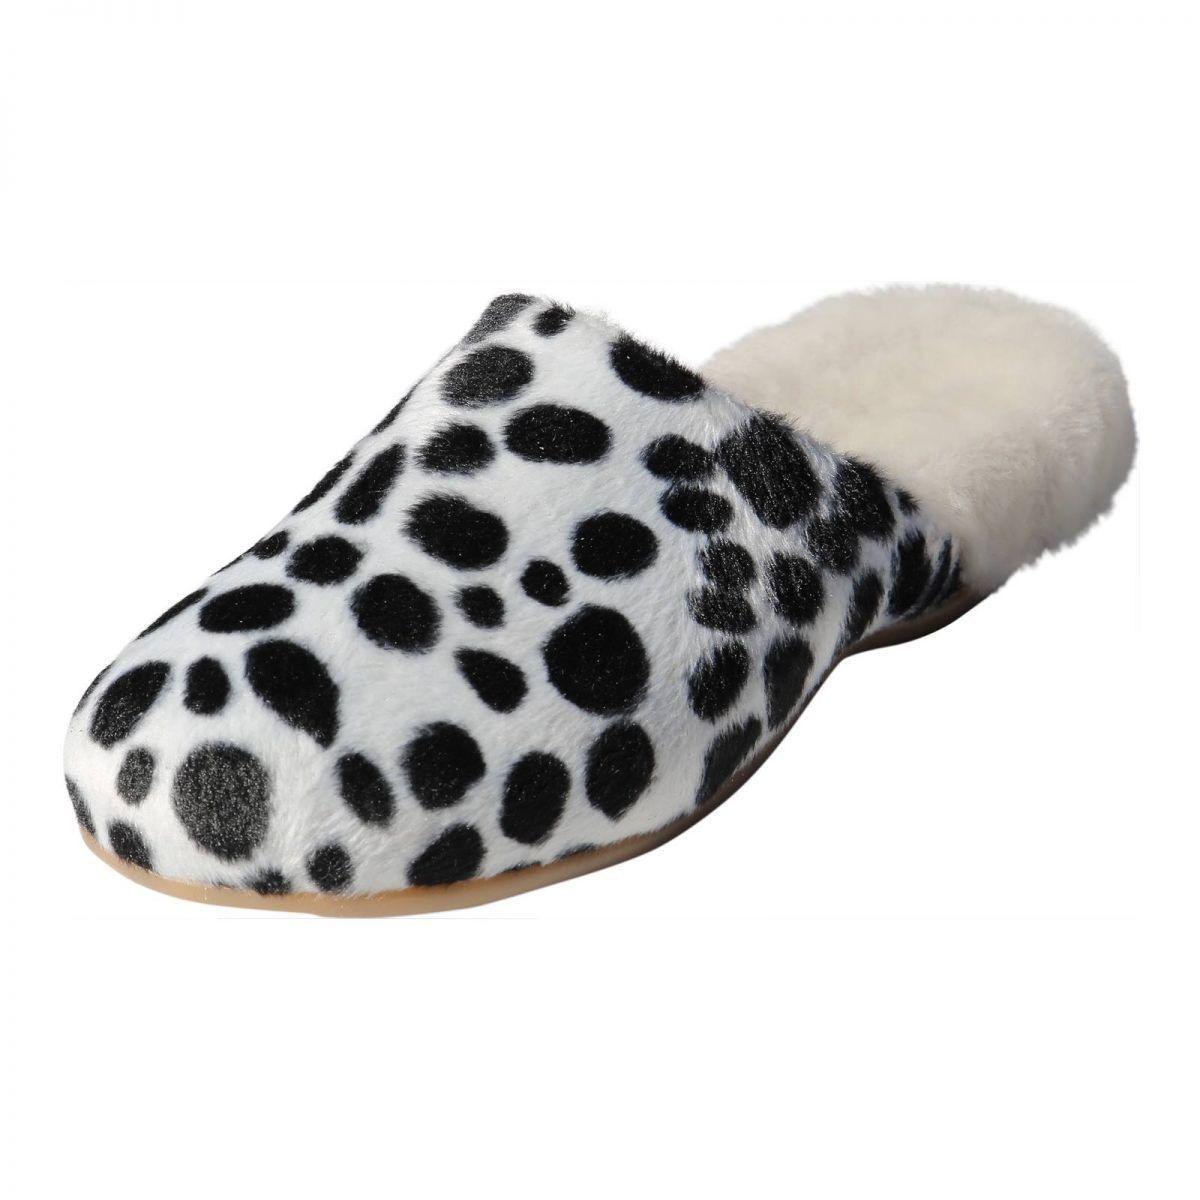 Pantofole in pelle di agnello - biekamp dalmata Donna NERO BIANCO